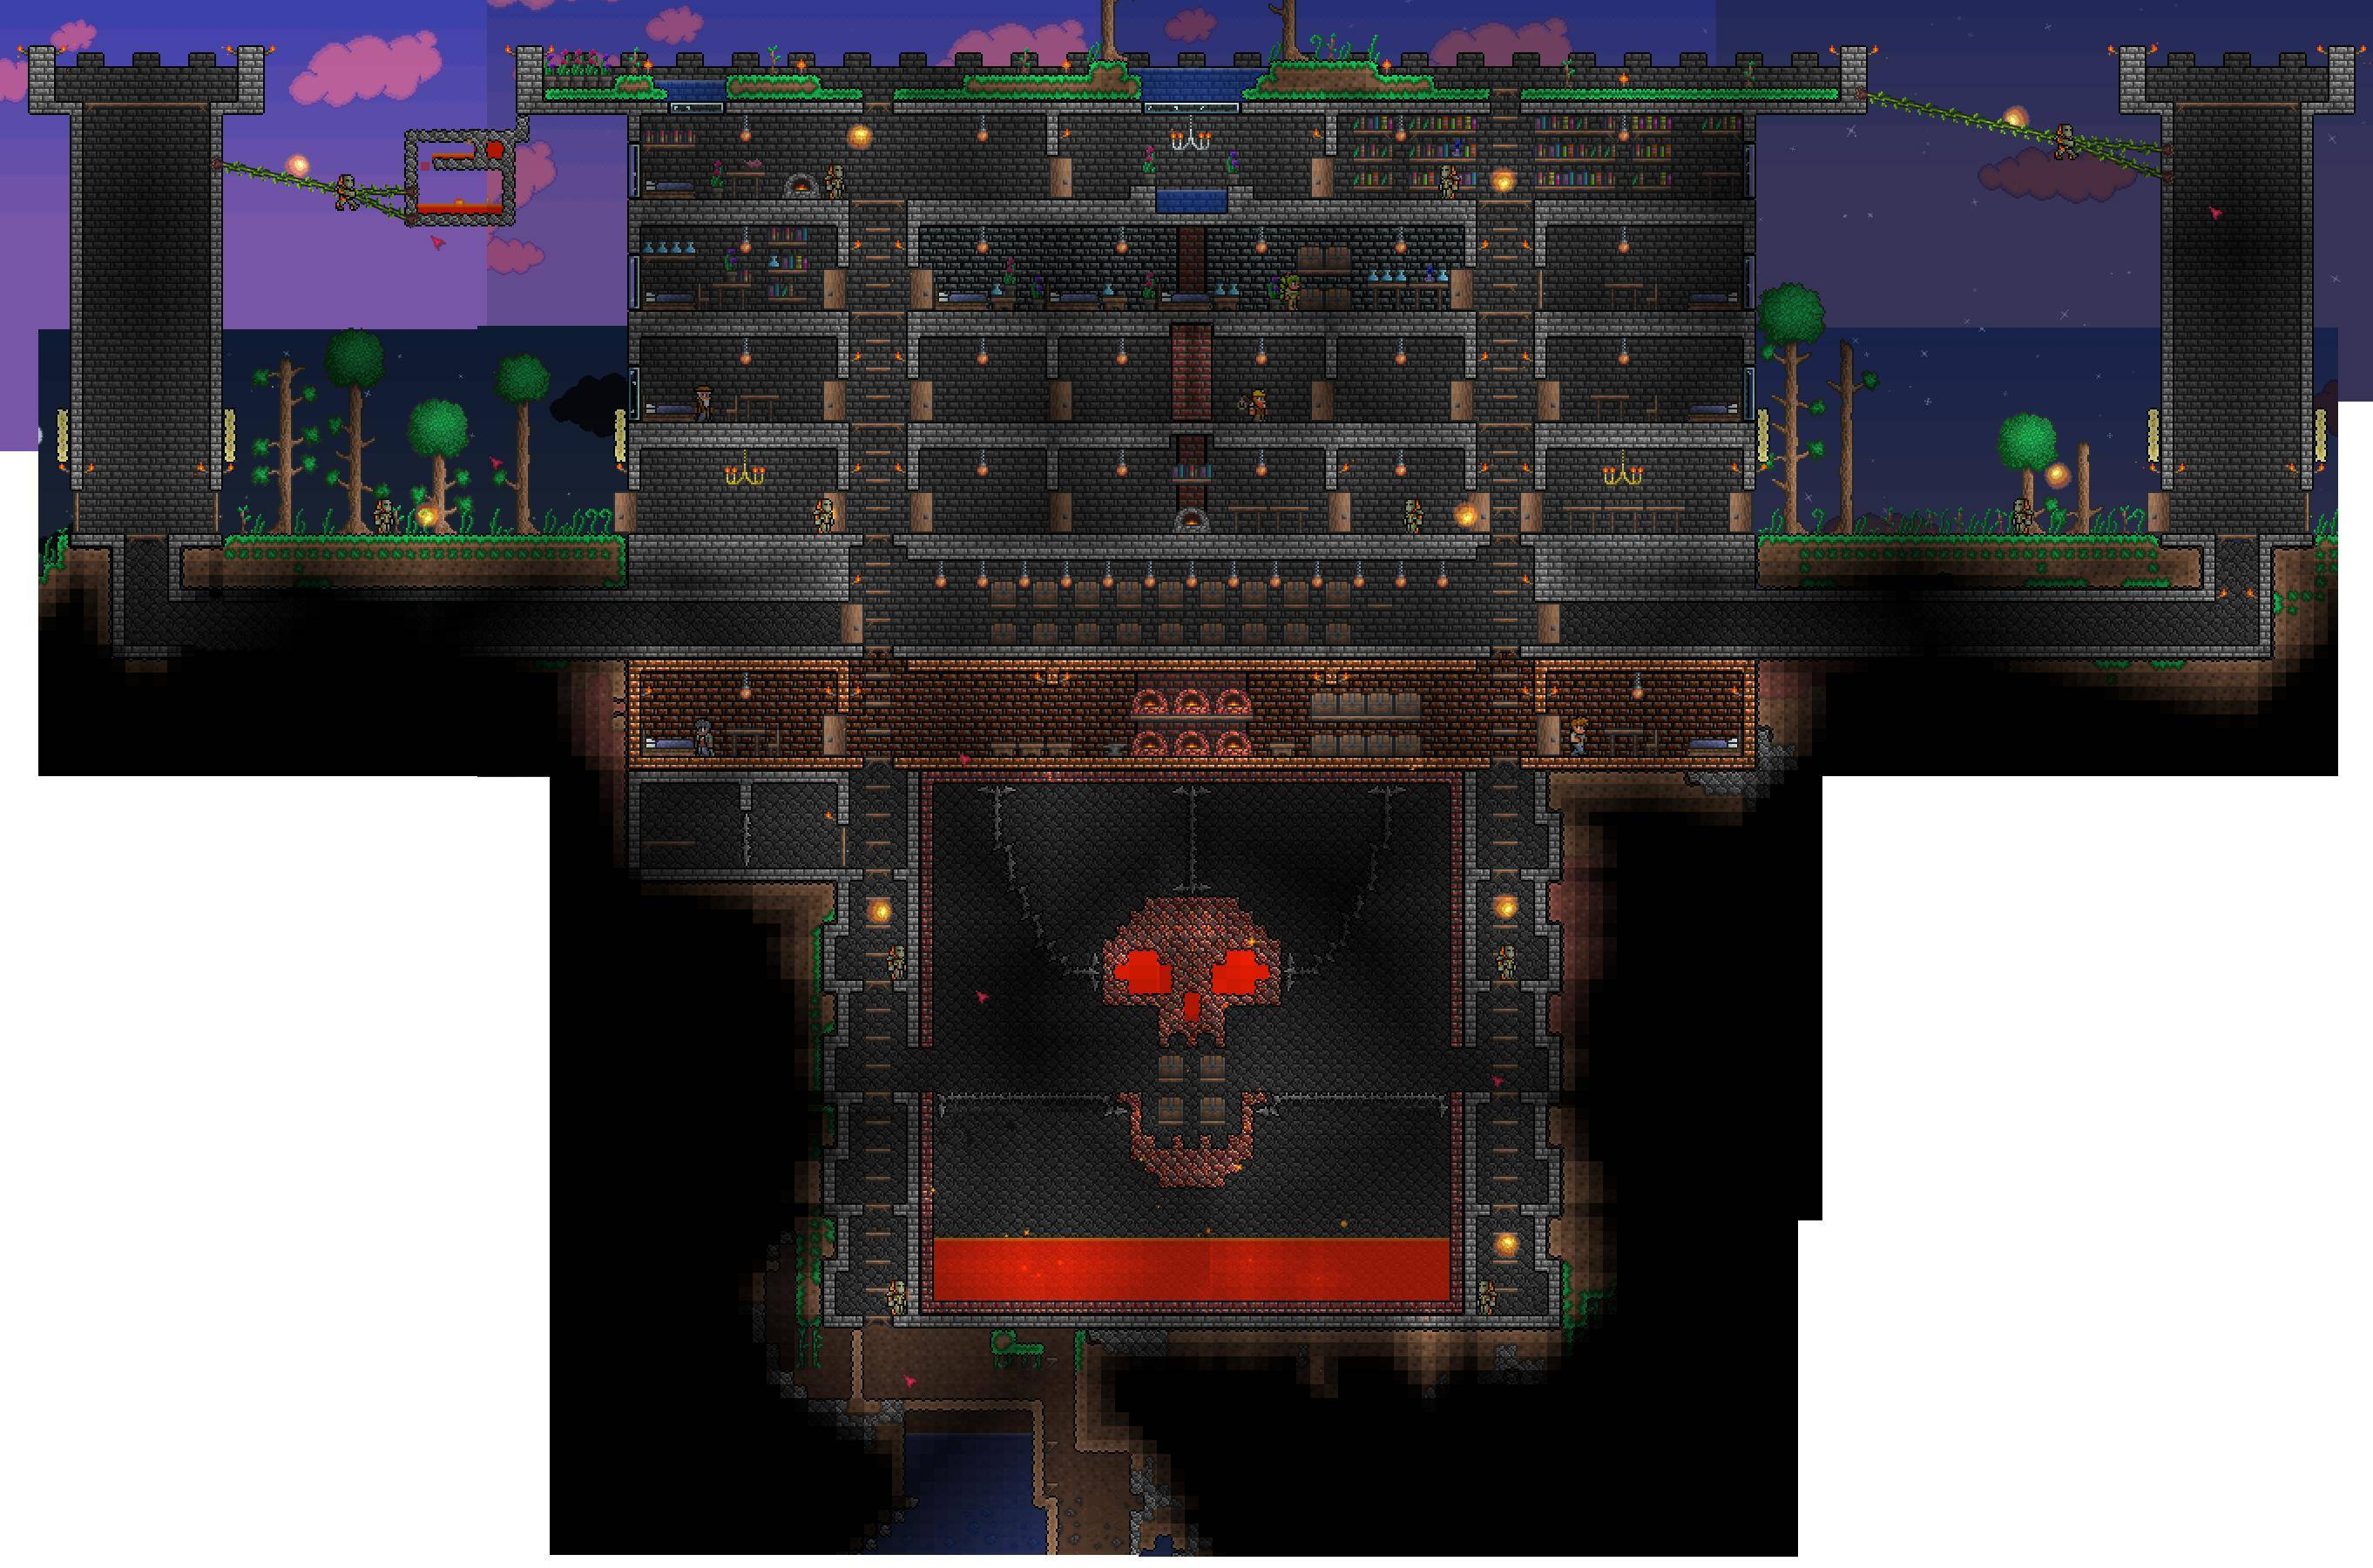 My terraria house by acherus29a on deviantart for Terraria house designs